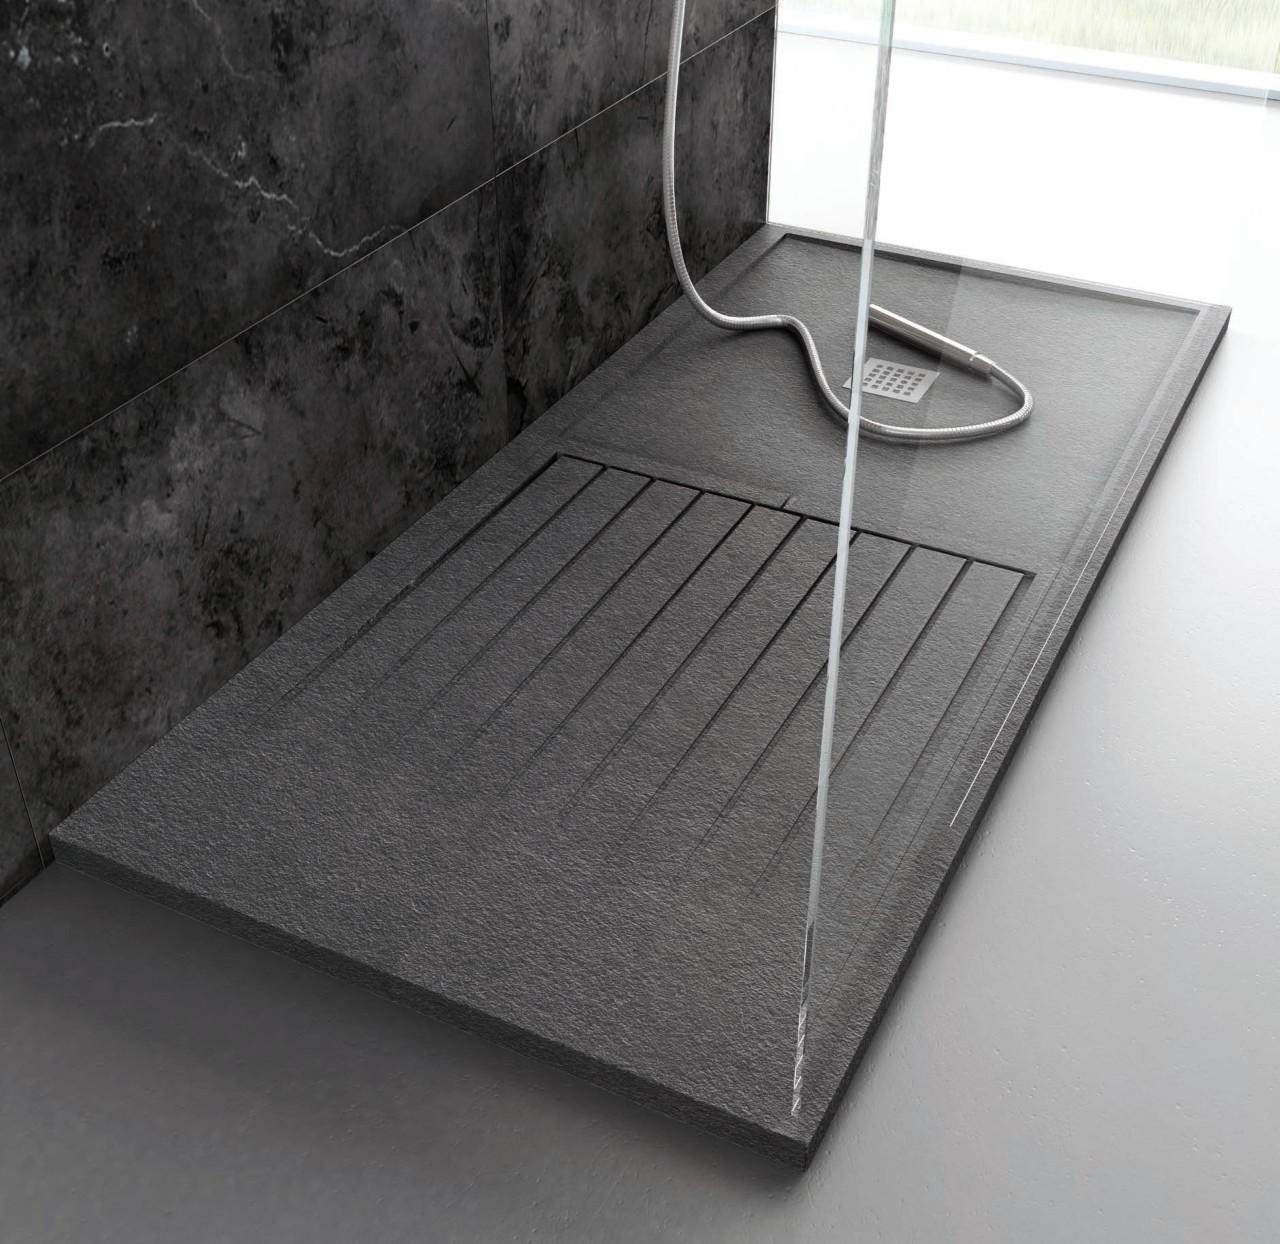 Badtec - Badewanne zur Dusche an einem Tag zum Nulltarif